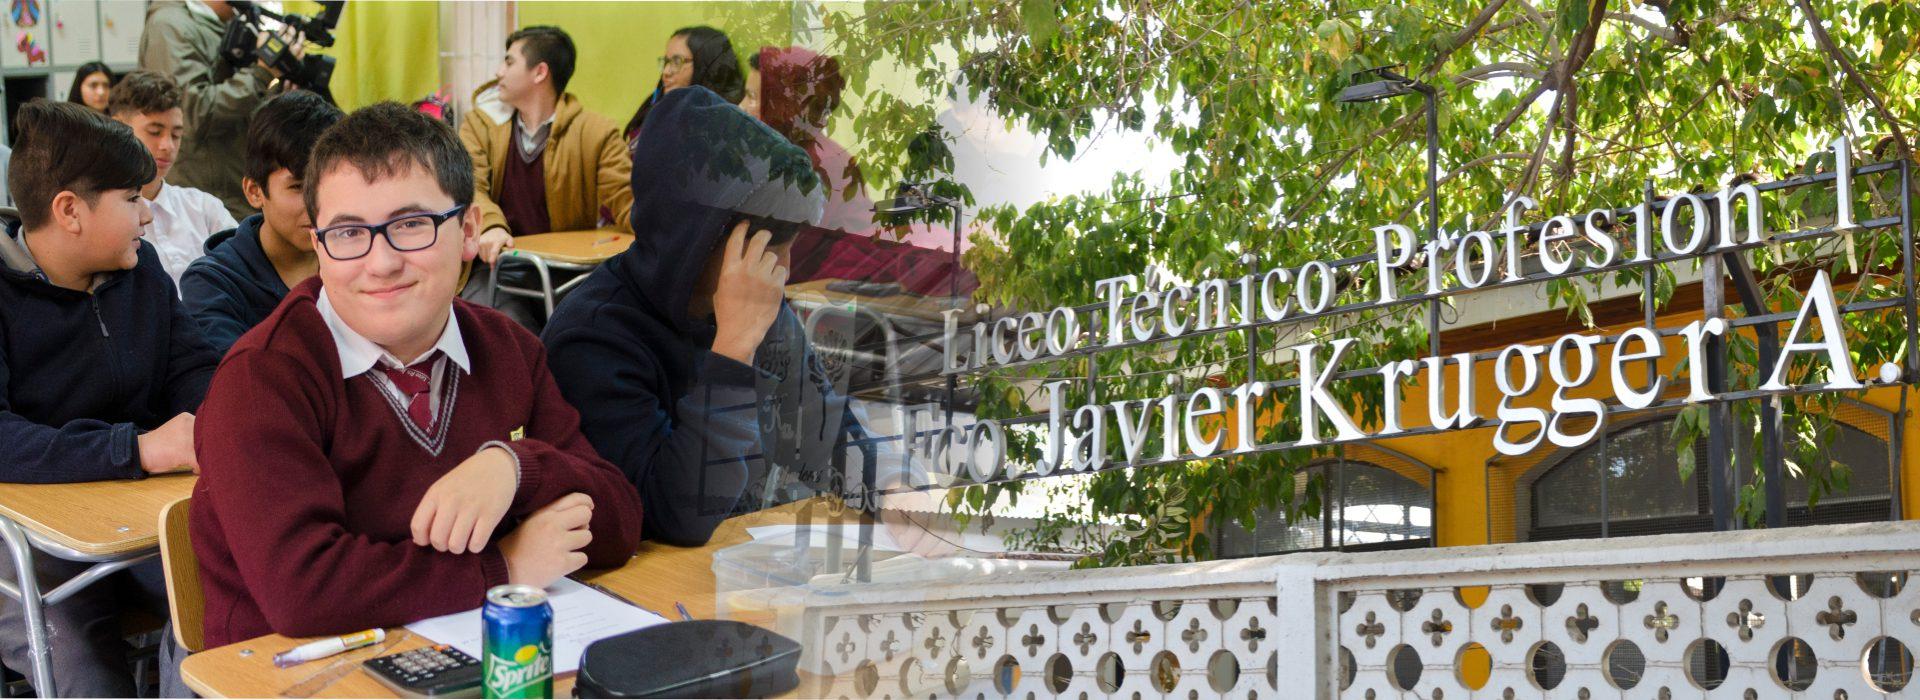 Banner Liceo Francisco Javier Krugger